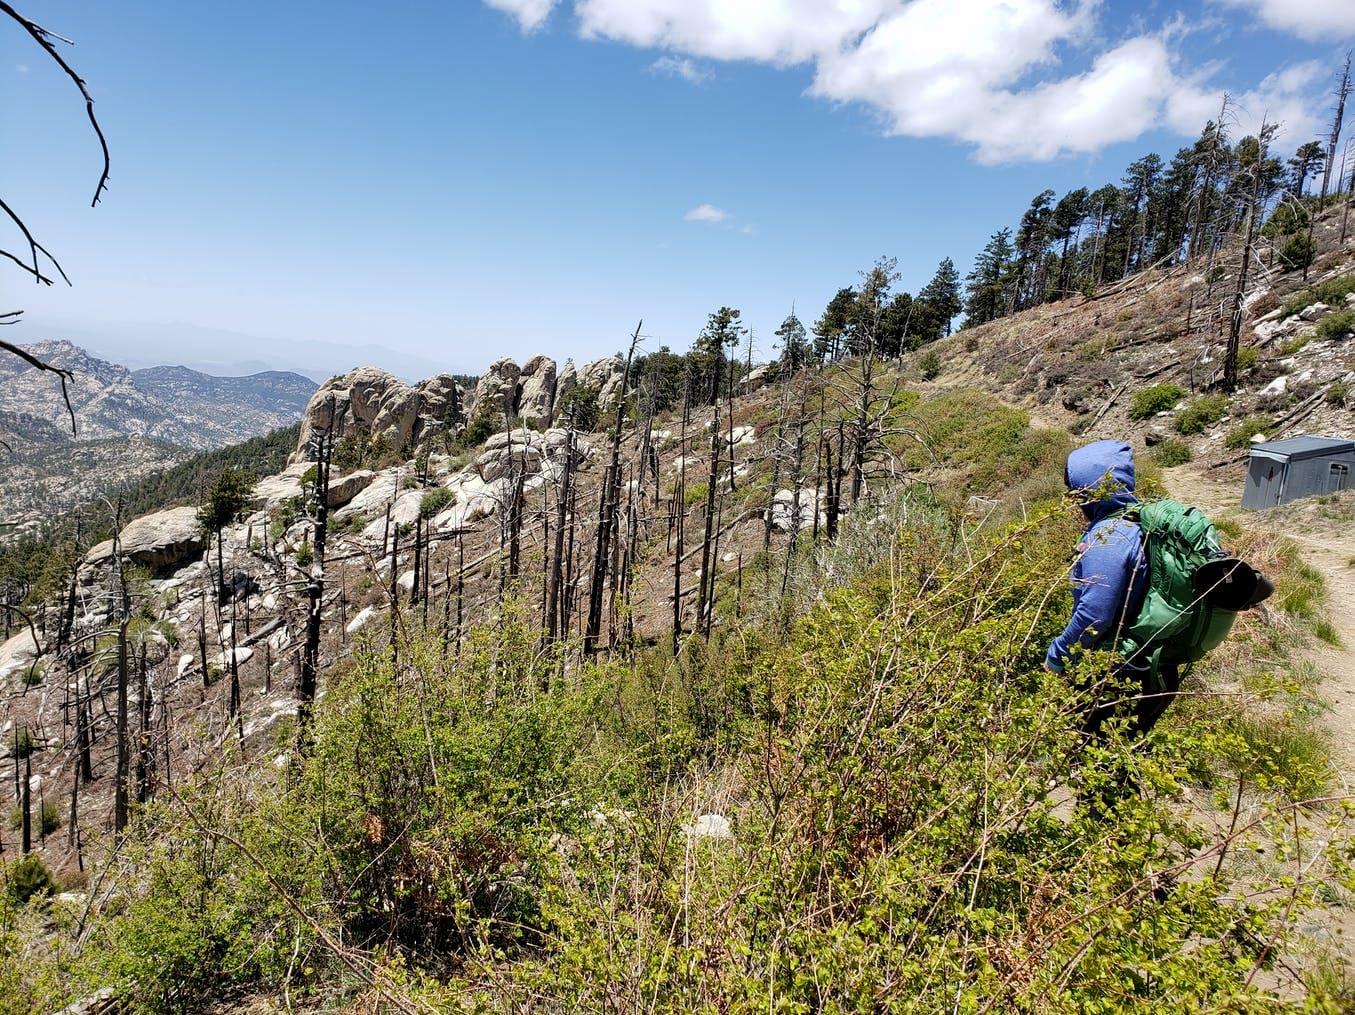 hiker overlooking burn area on mountain